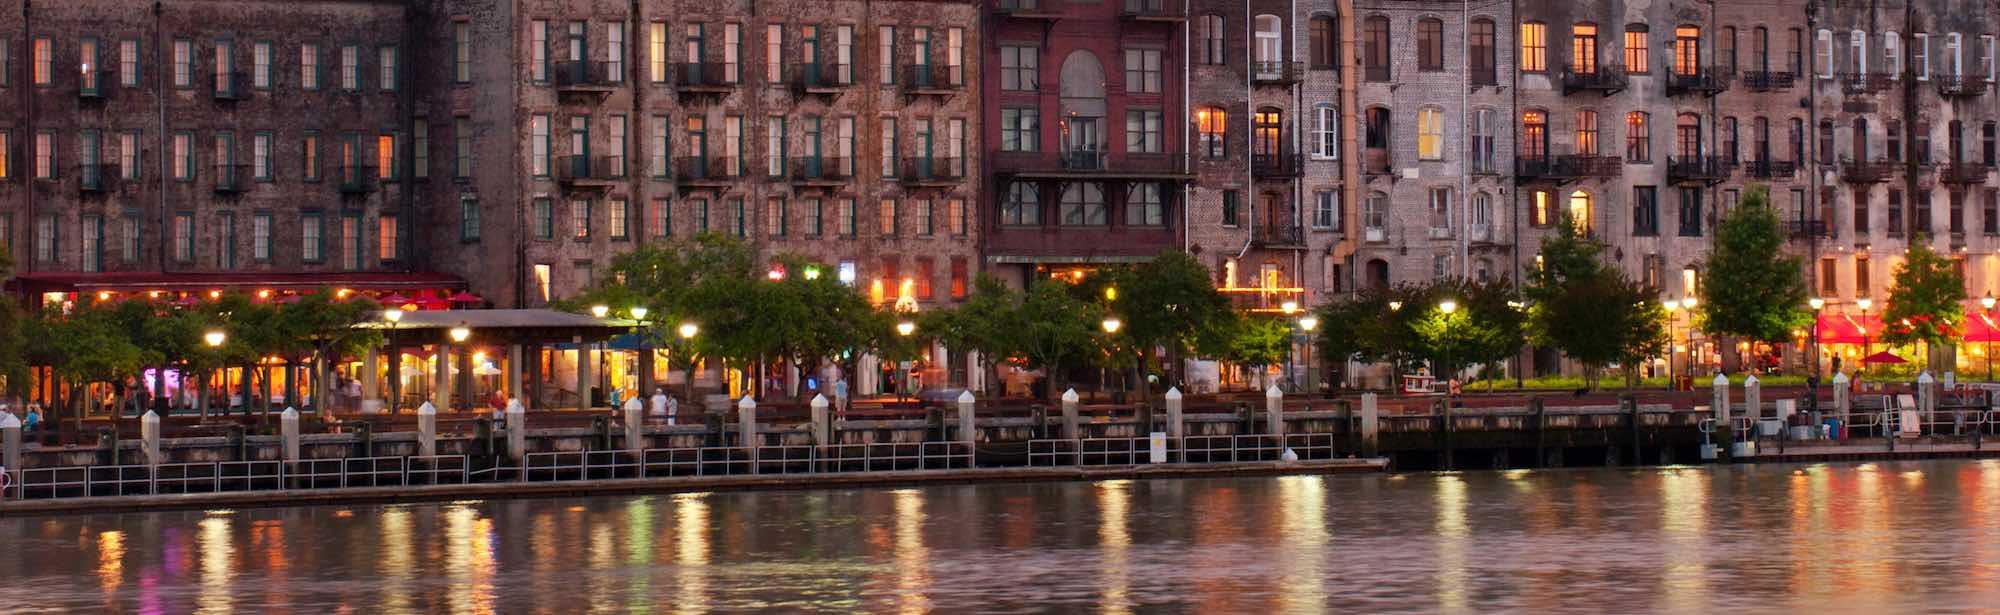 River Street Savannah Ga At Night